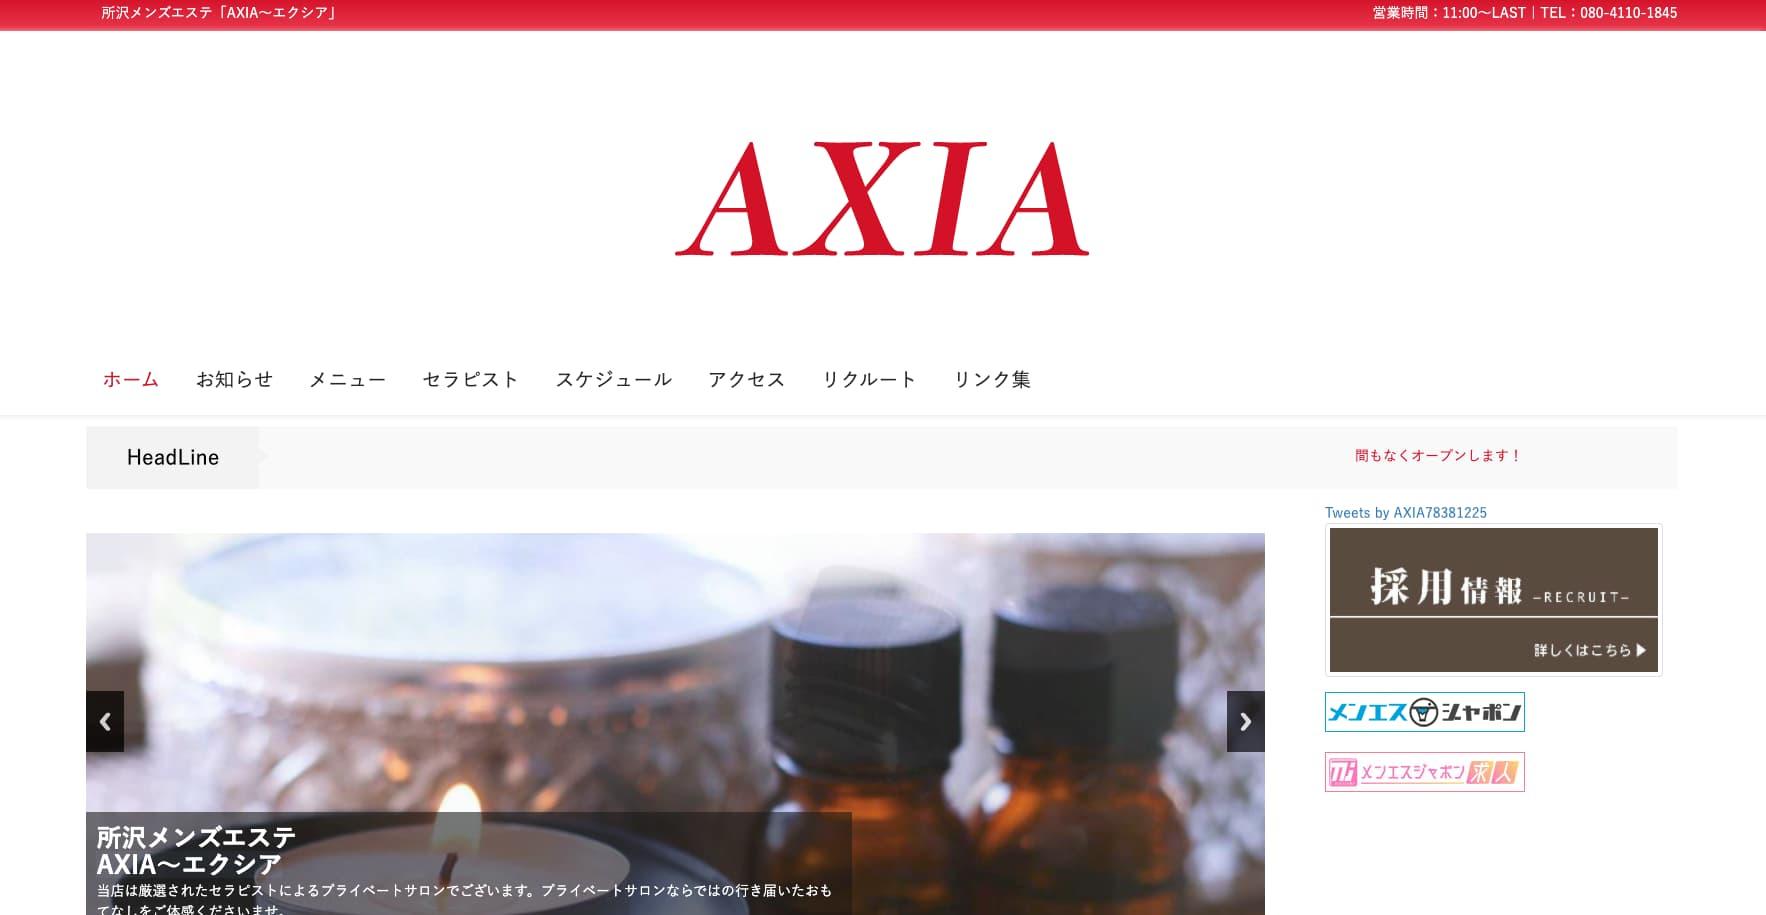 AXIA(エクシア)